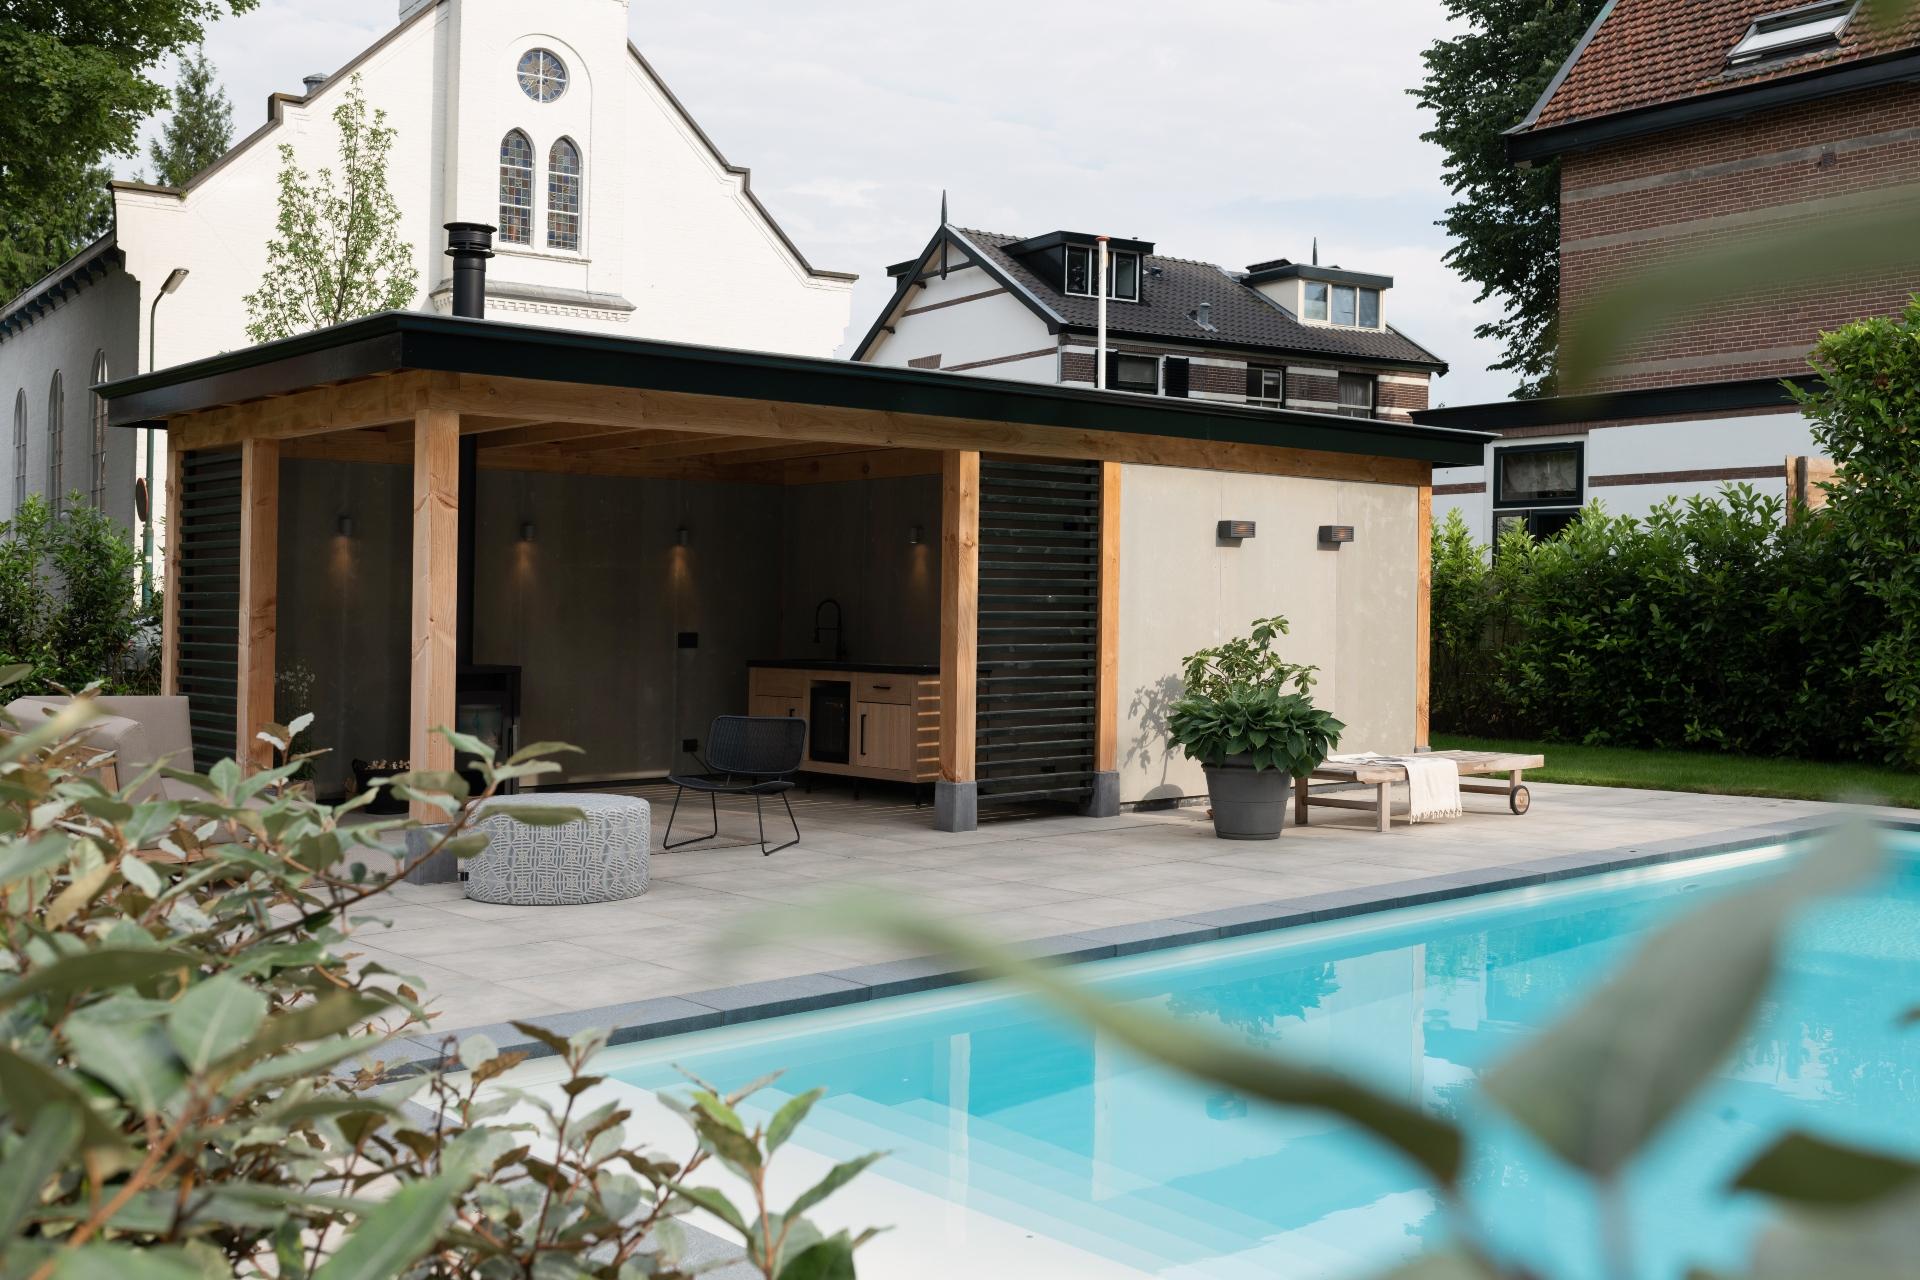 Poolhouse met Starline inbouwzwembad